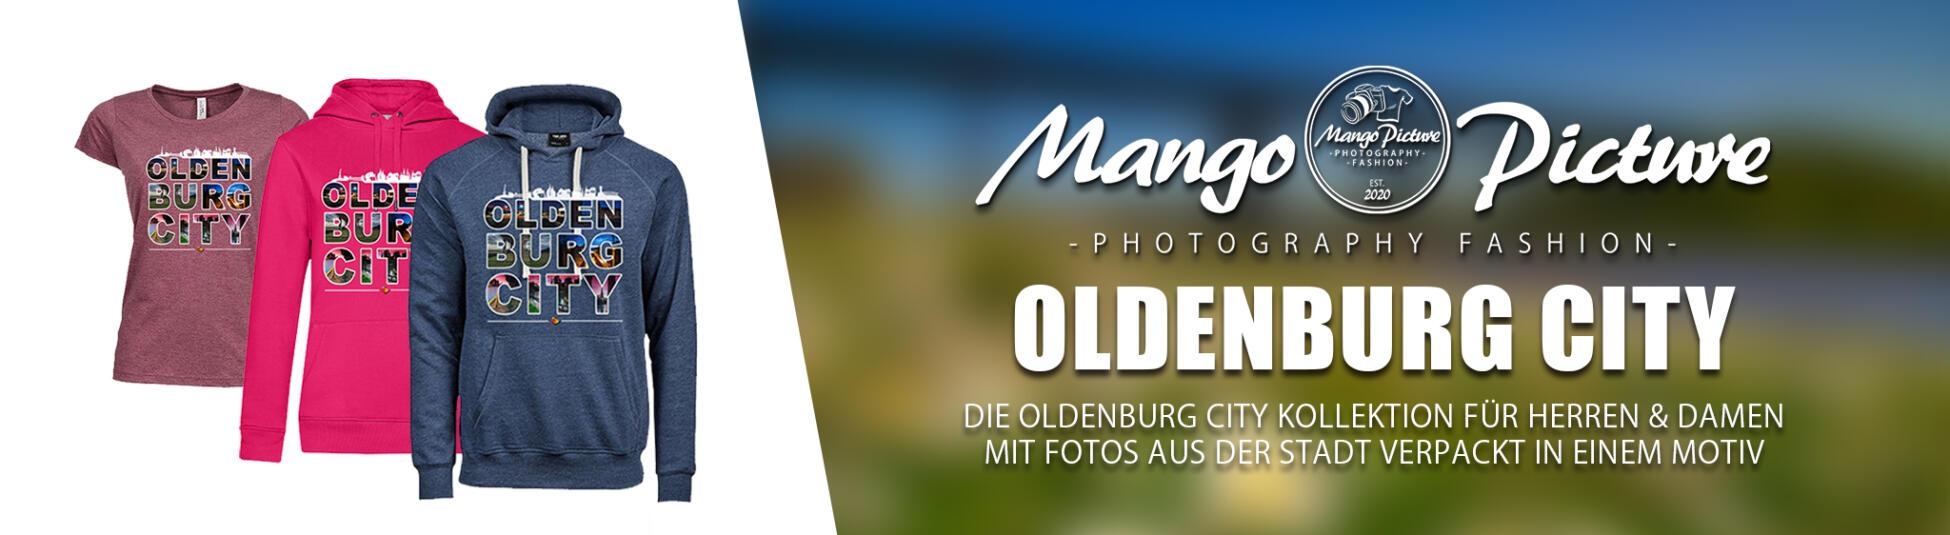 shop banner oldenburg